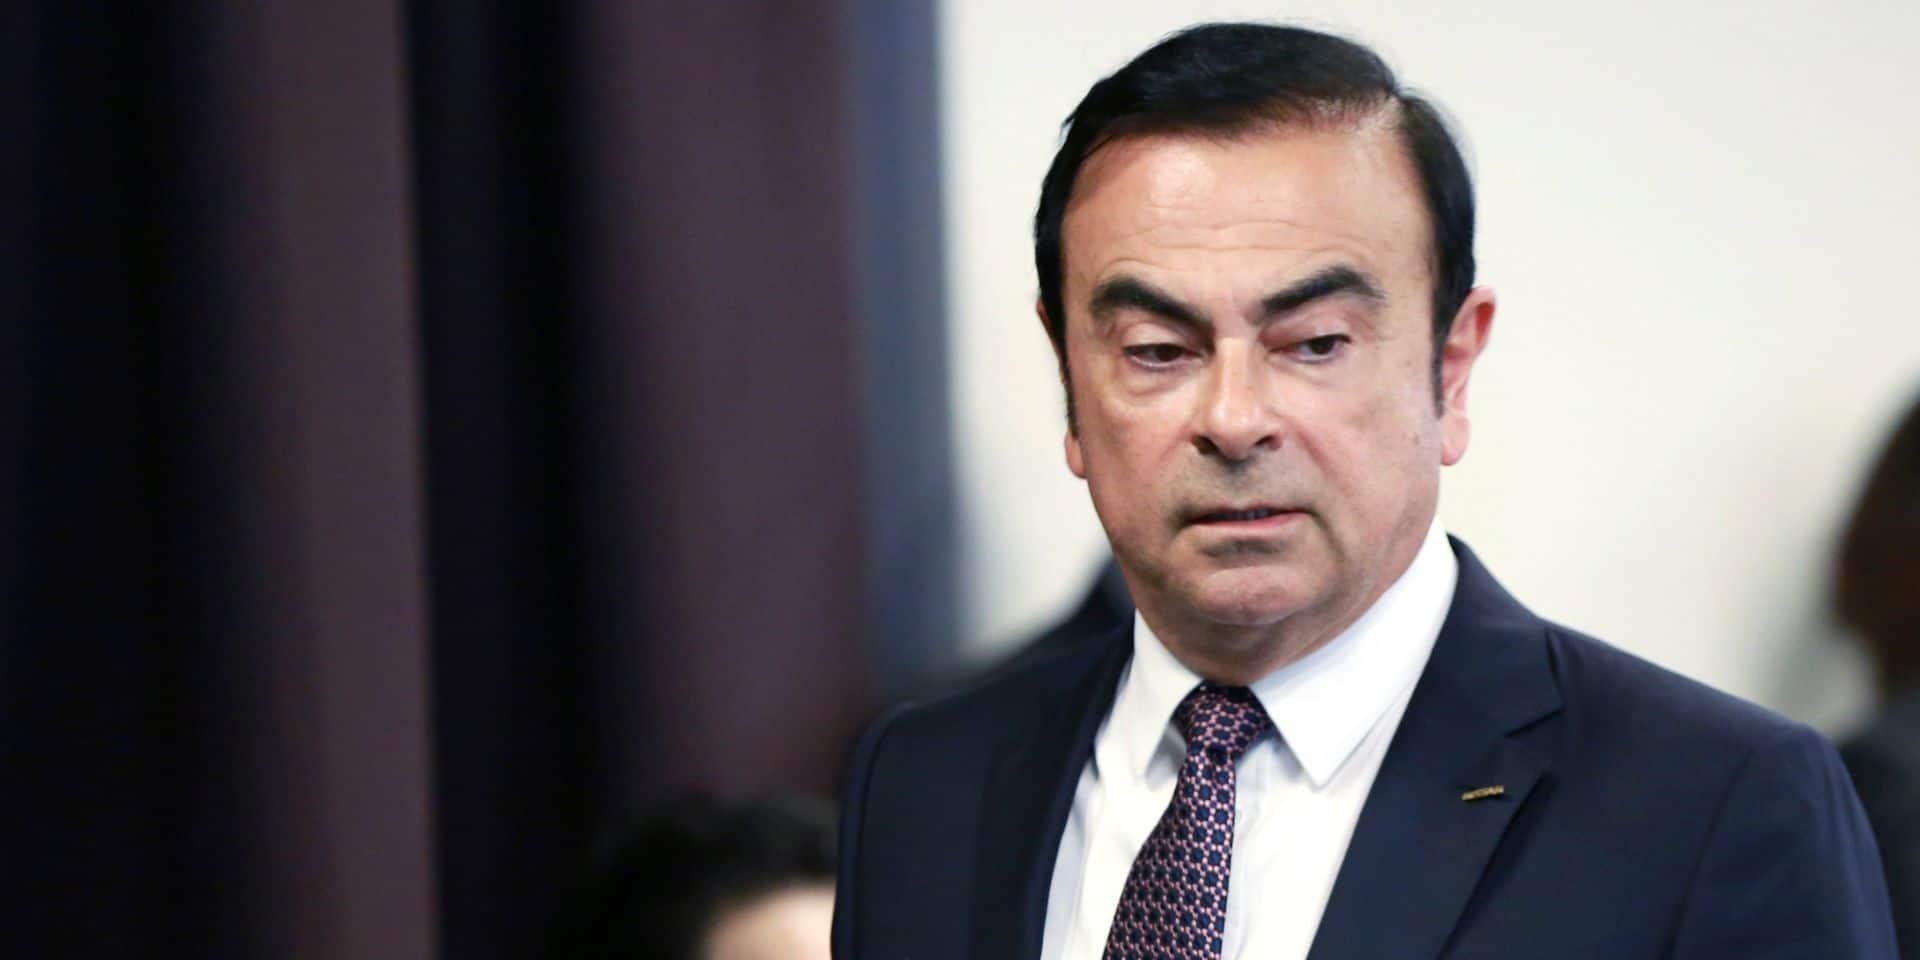 L'appel de Ghosn rejeté par la Cour suprême du Japon (presse)